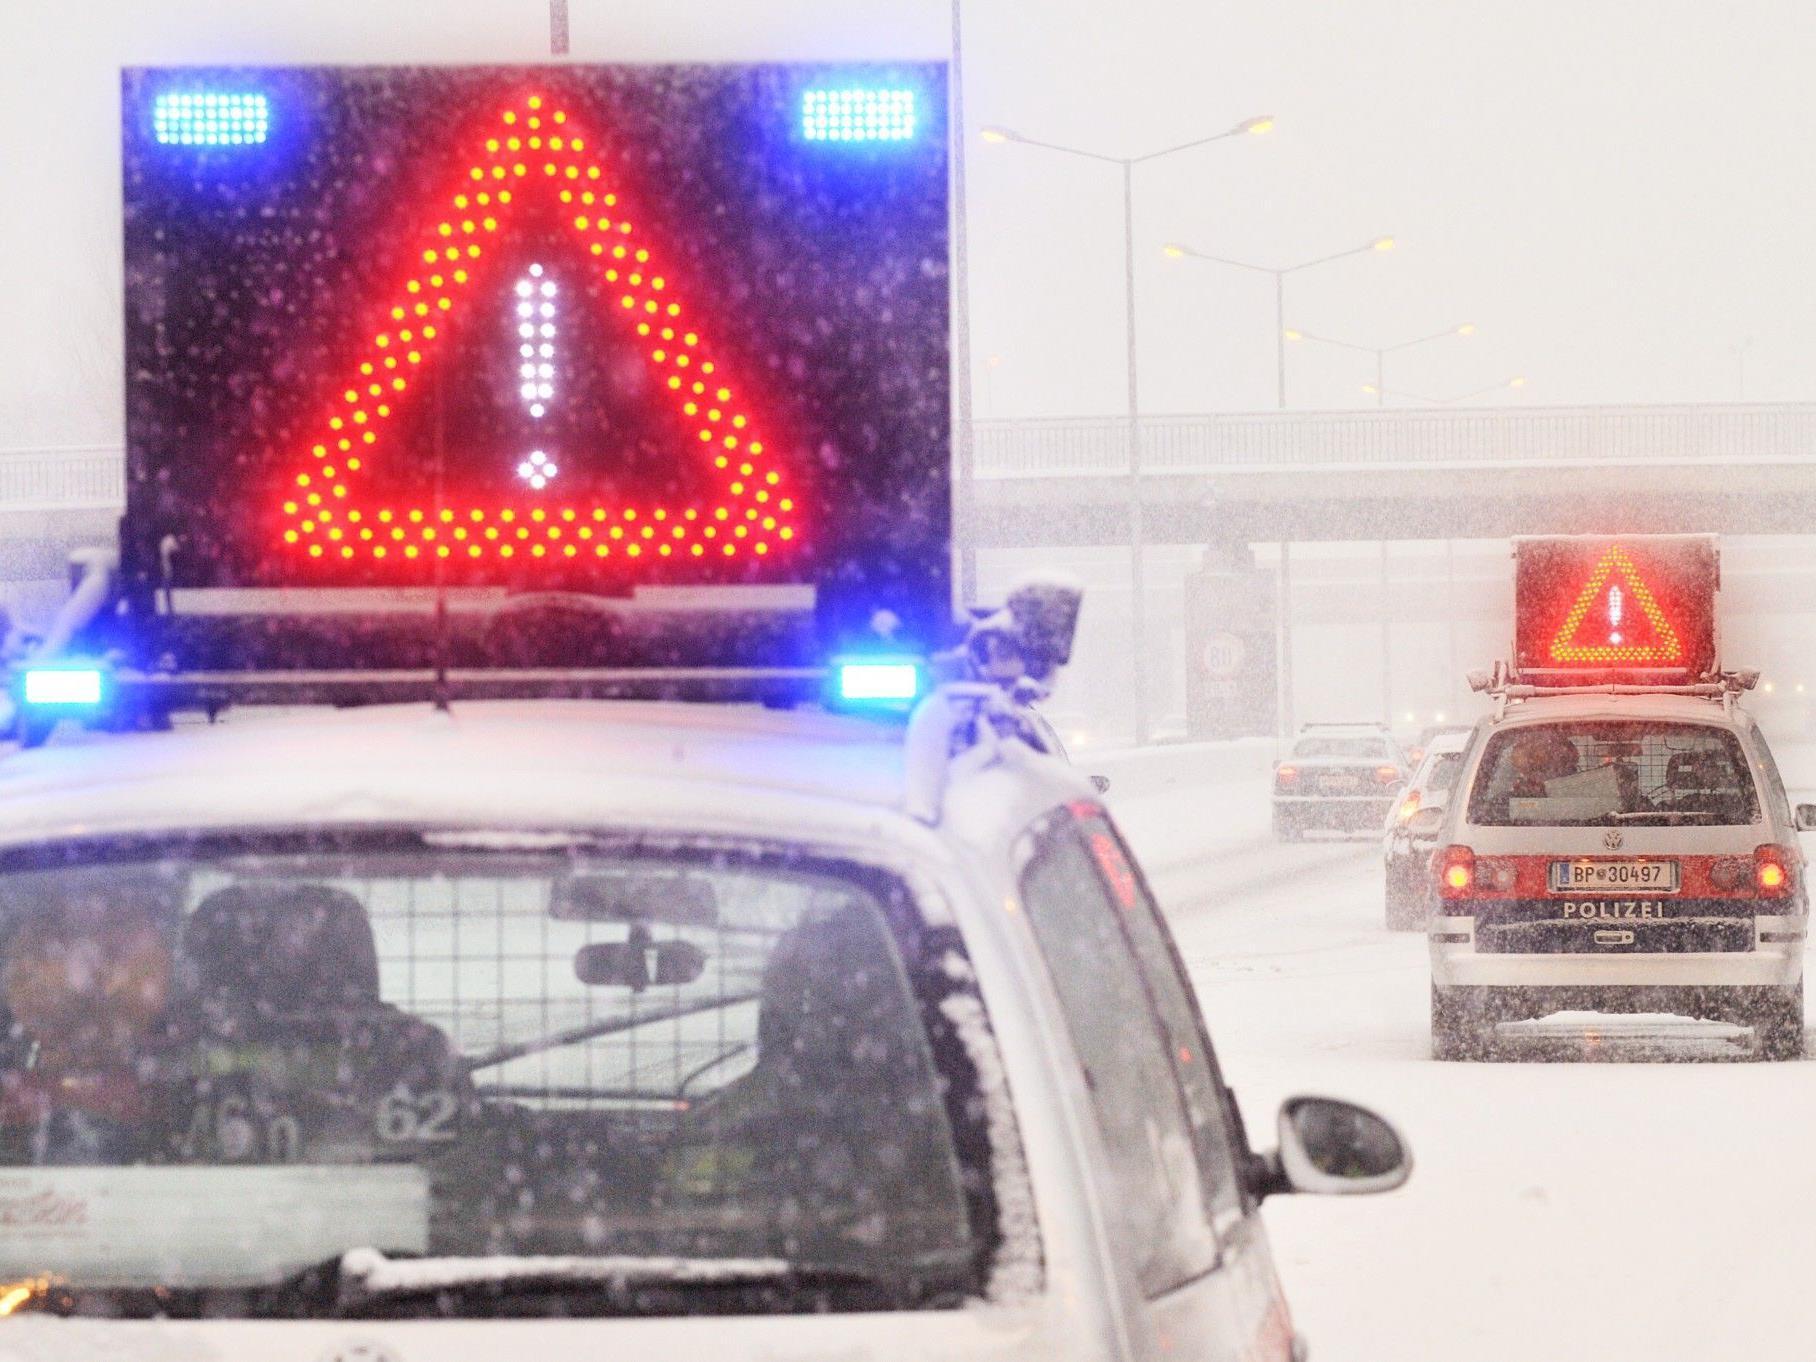 Kurzfristige Sperren auf A21 aufgrund von Schneefall